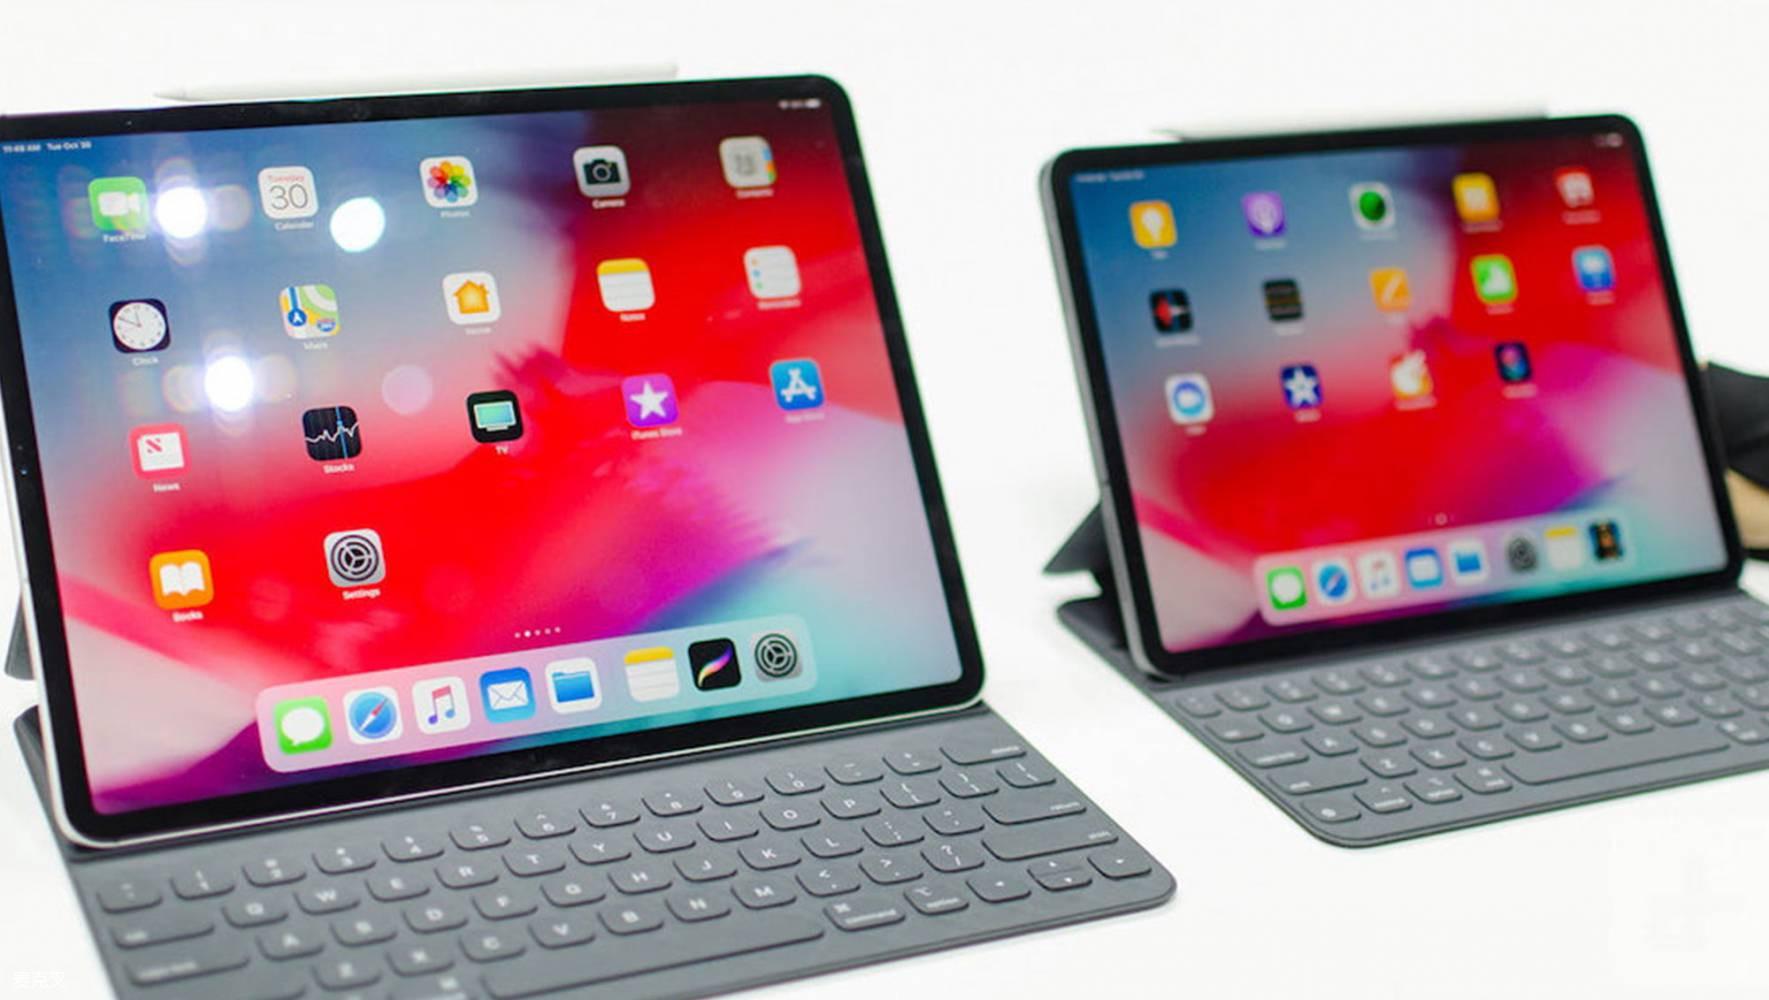 新款iPad Pro有点不那么Pro:两个摄像头指标落后于前代产品的照片 - 1